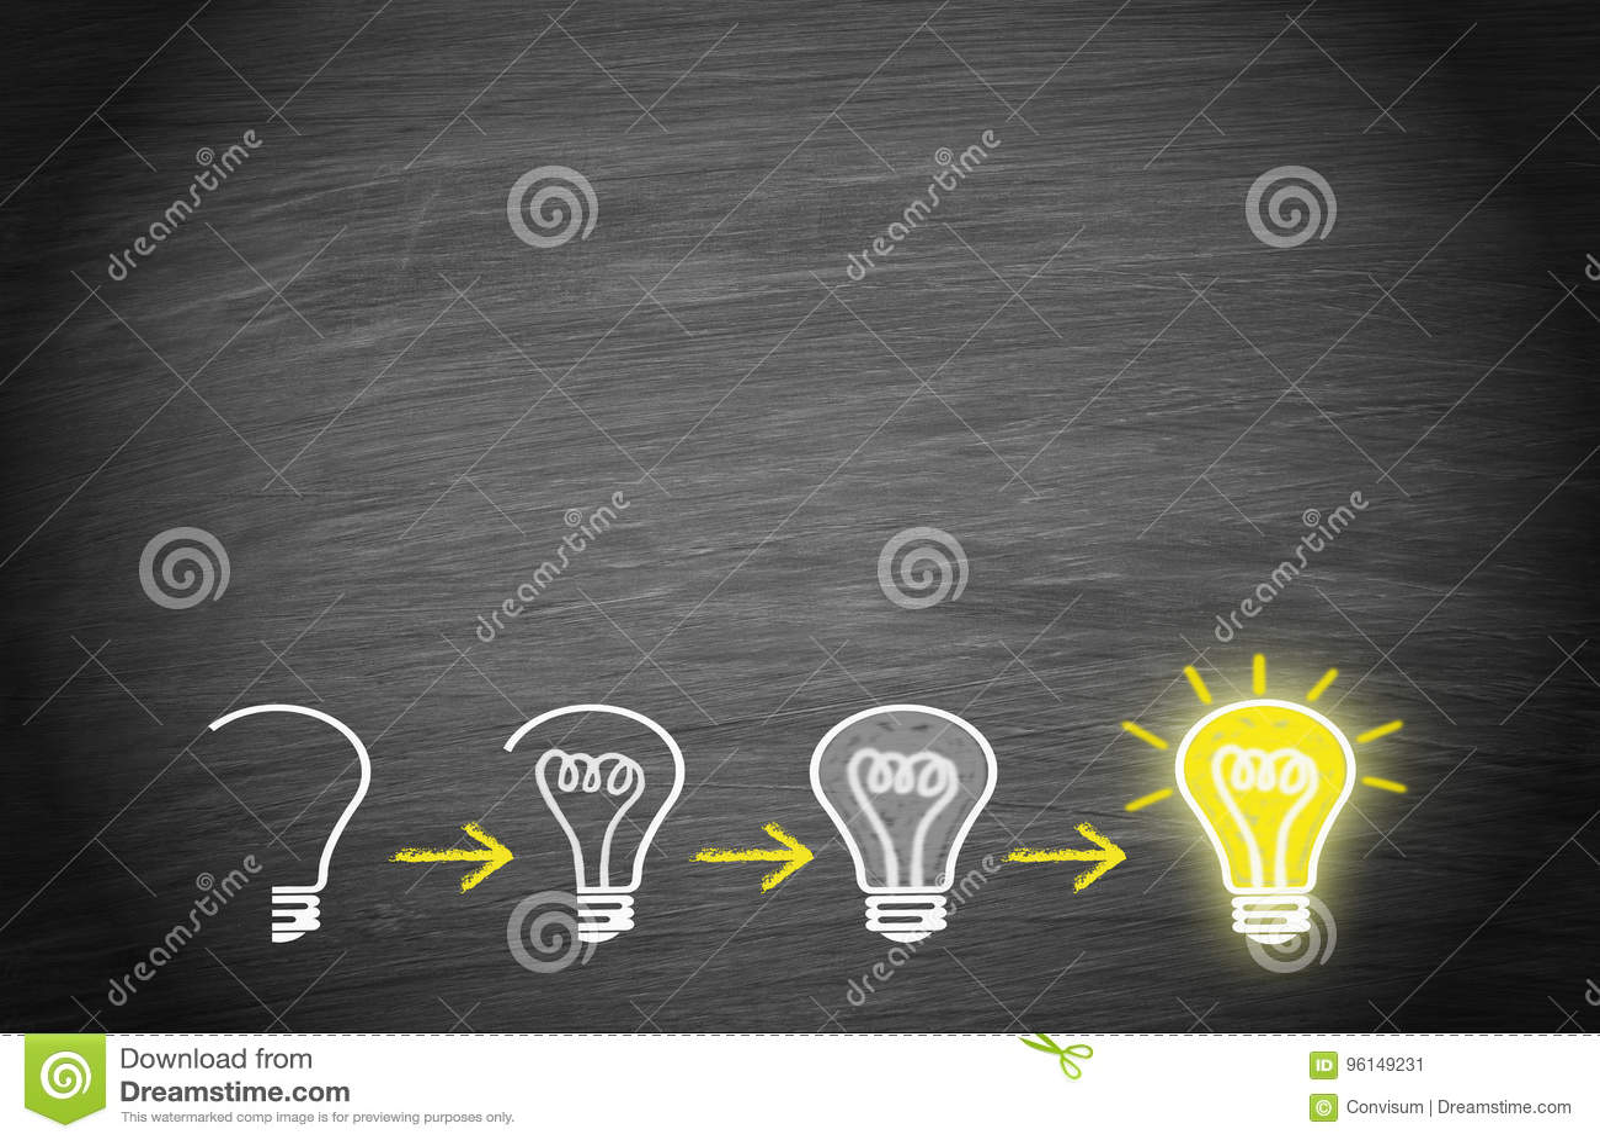 Żarówki na chalkboard tle - duży twórczości pojęcie i pomysł